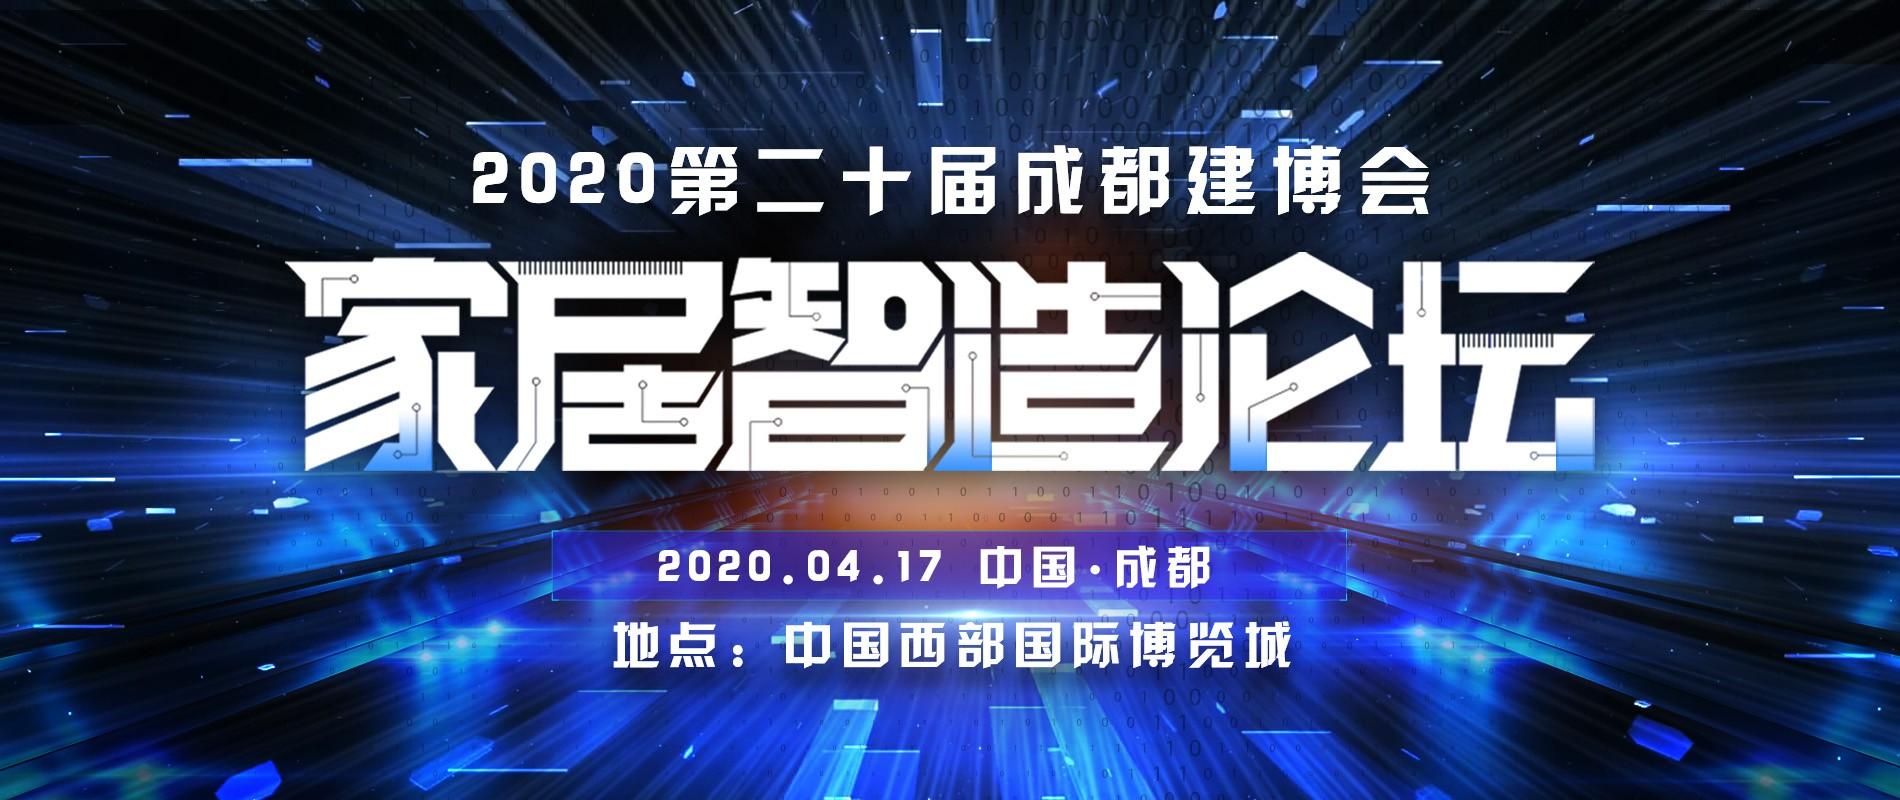 2020第二十届成都beplay注册会同期活动——家居智造论坛